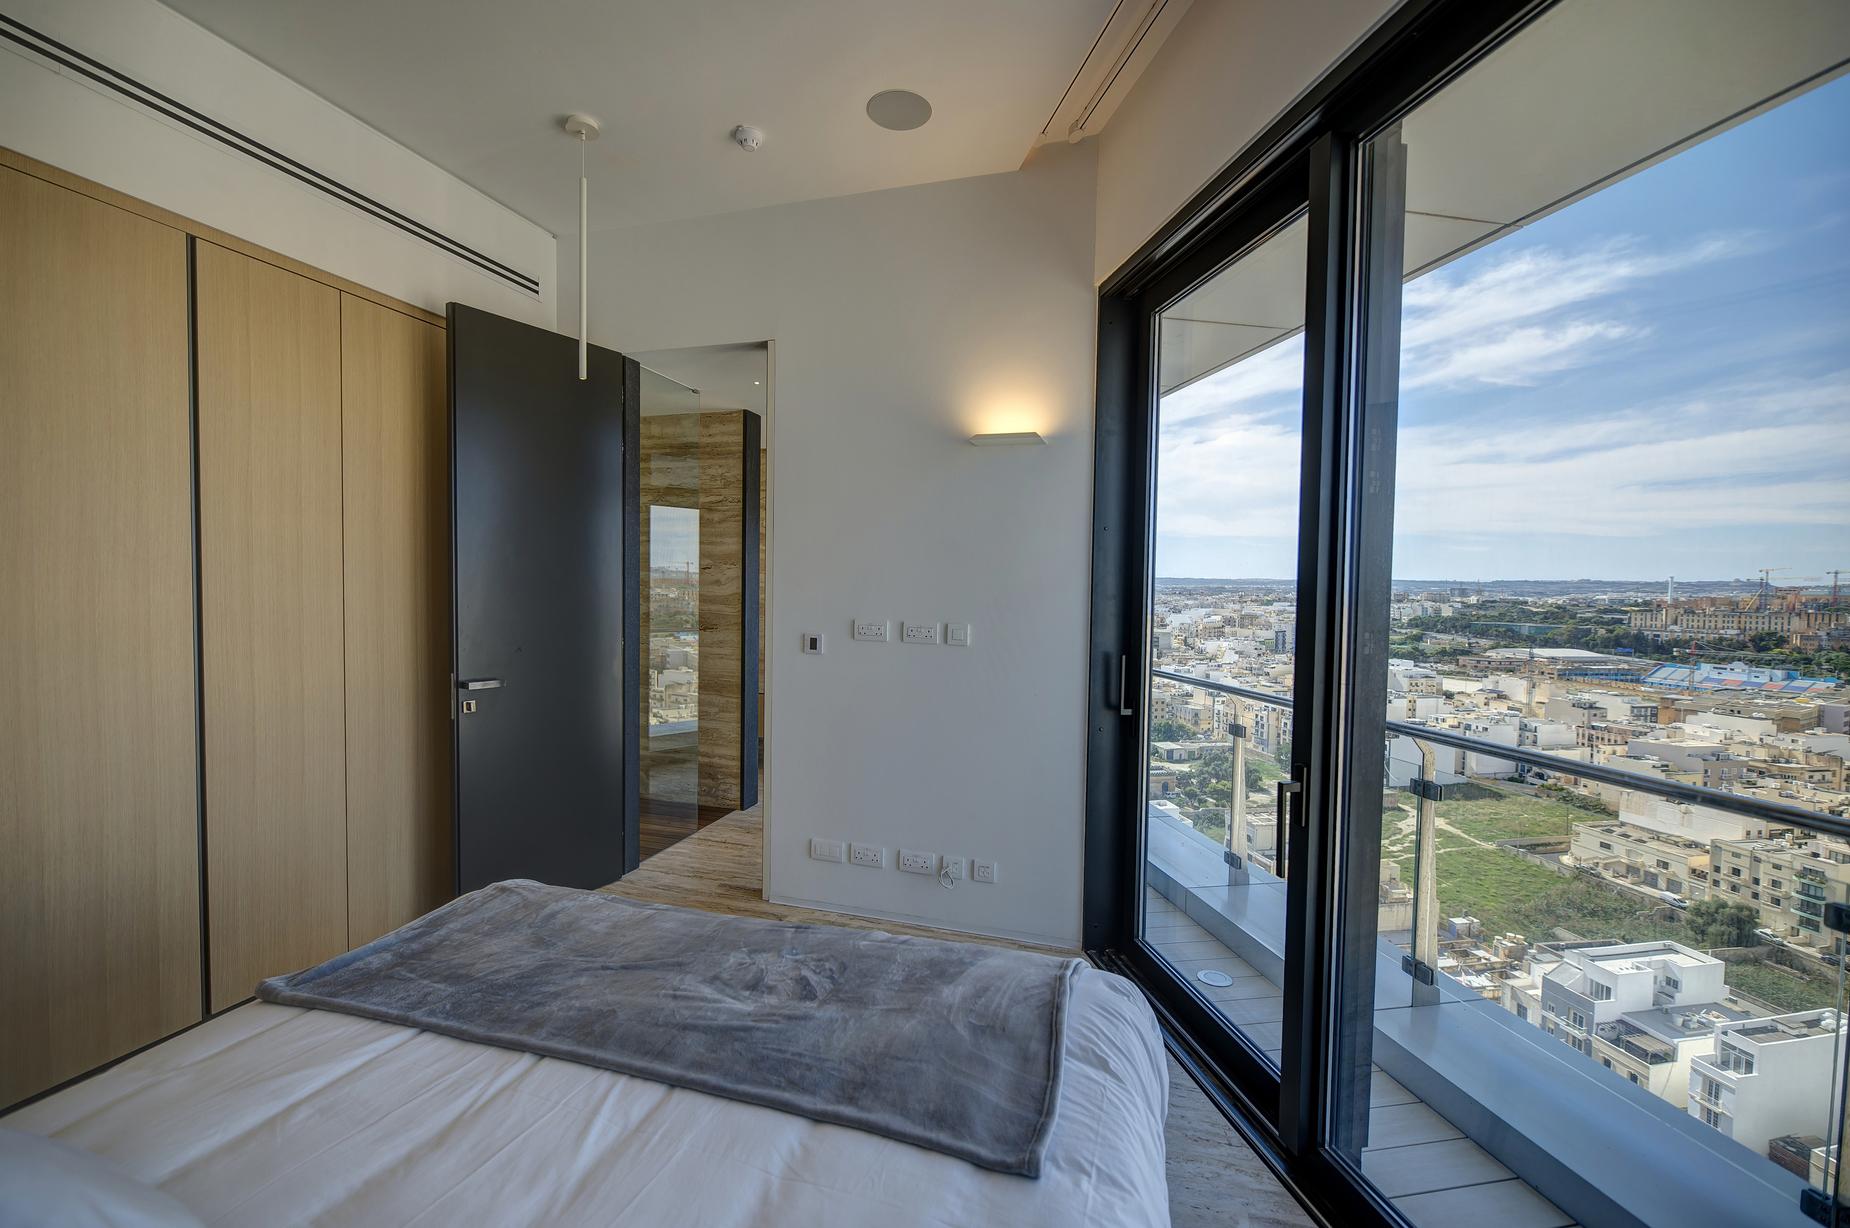 3 bed Apartment For Sale in Gzira, Gzira - thumb 27